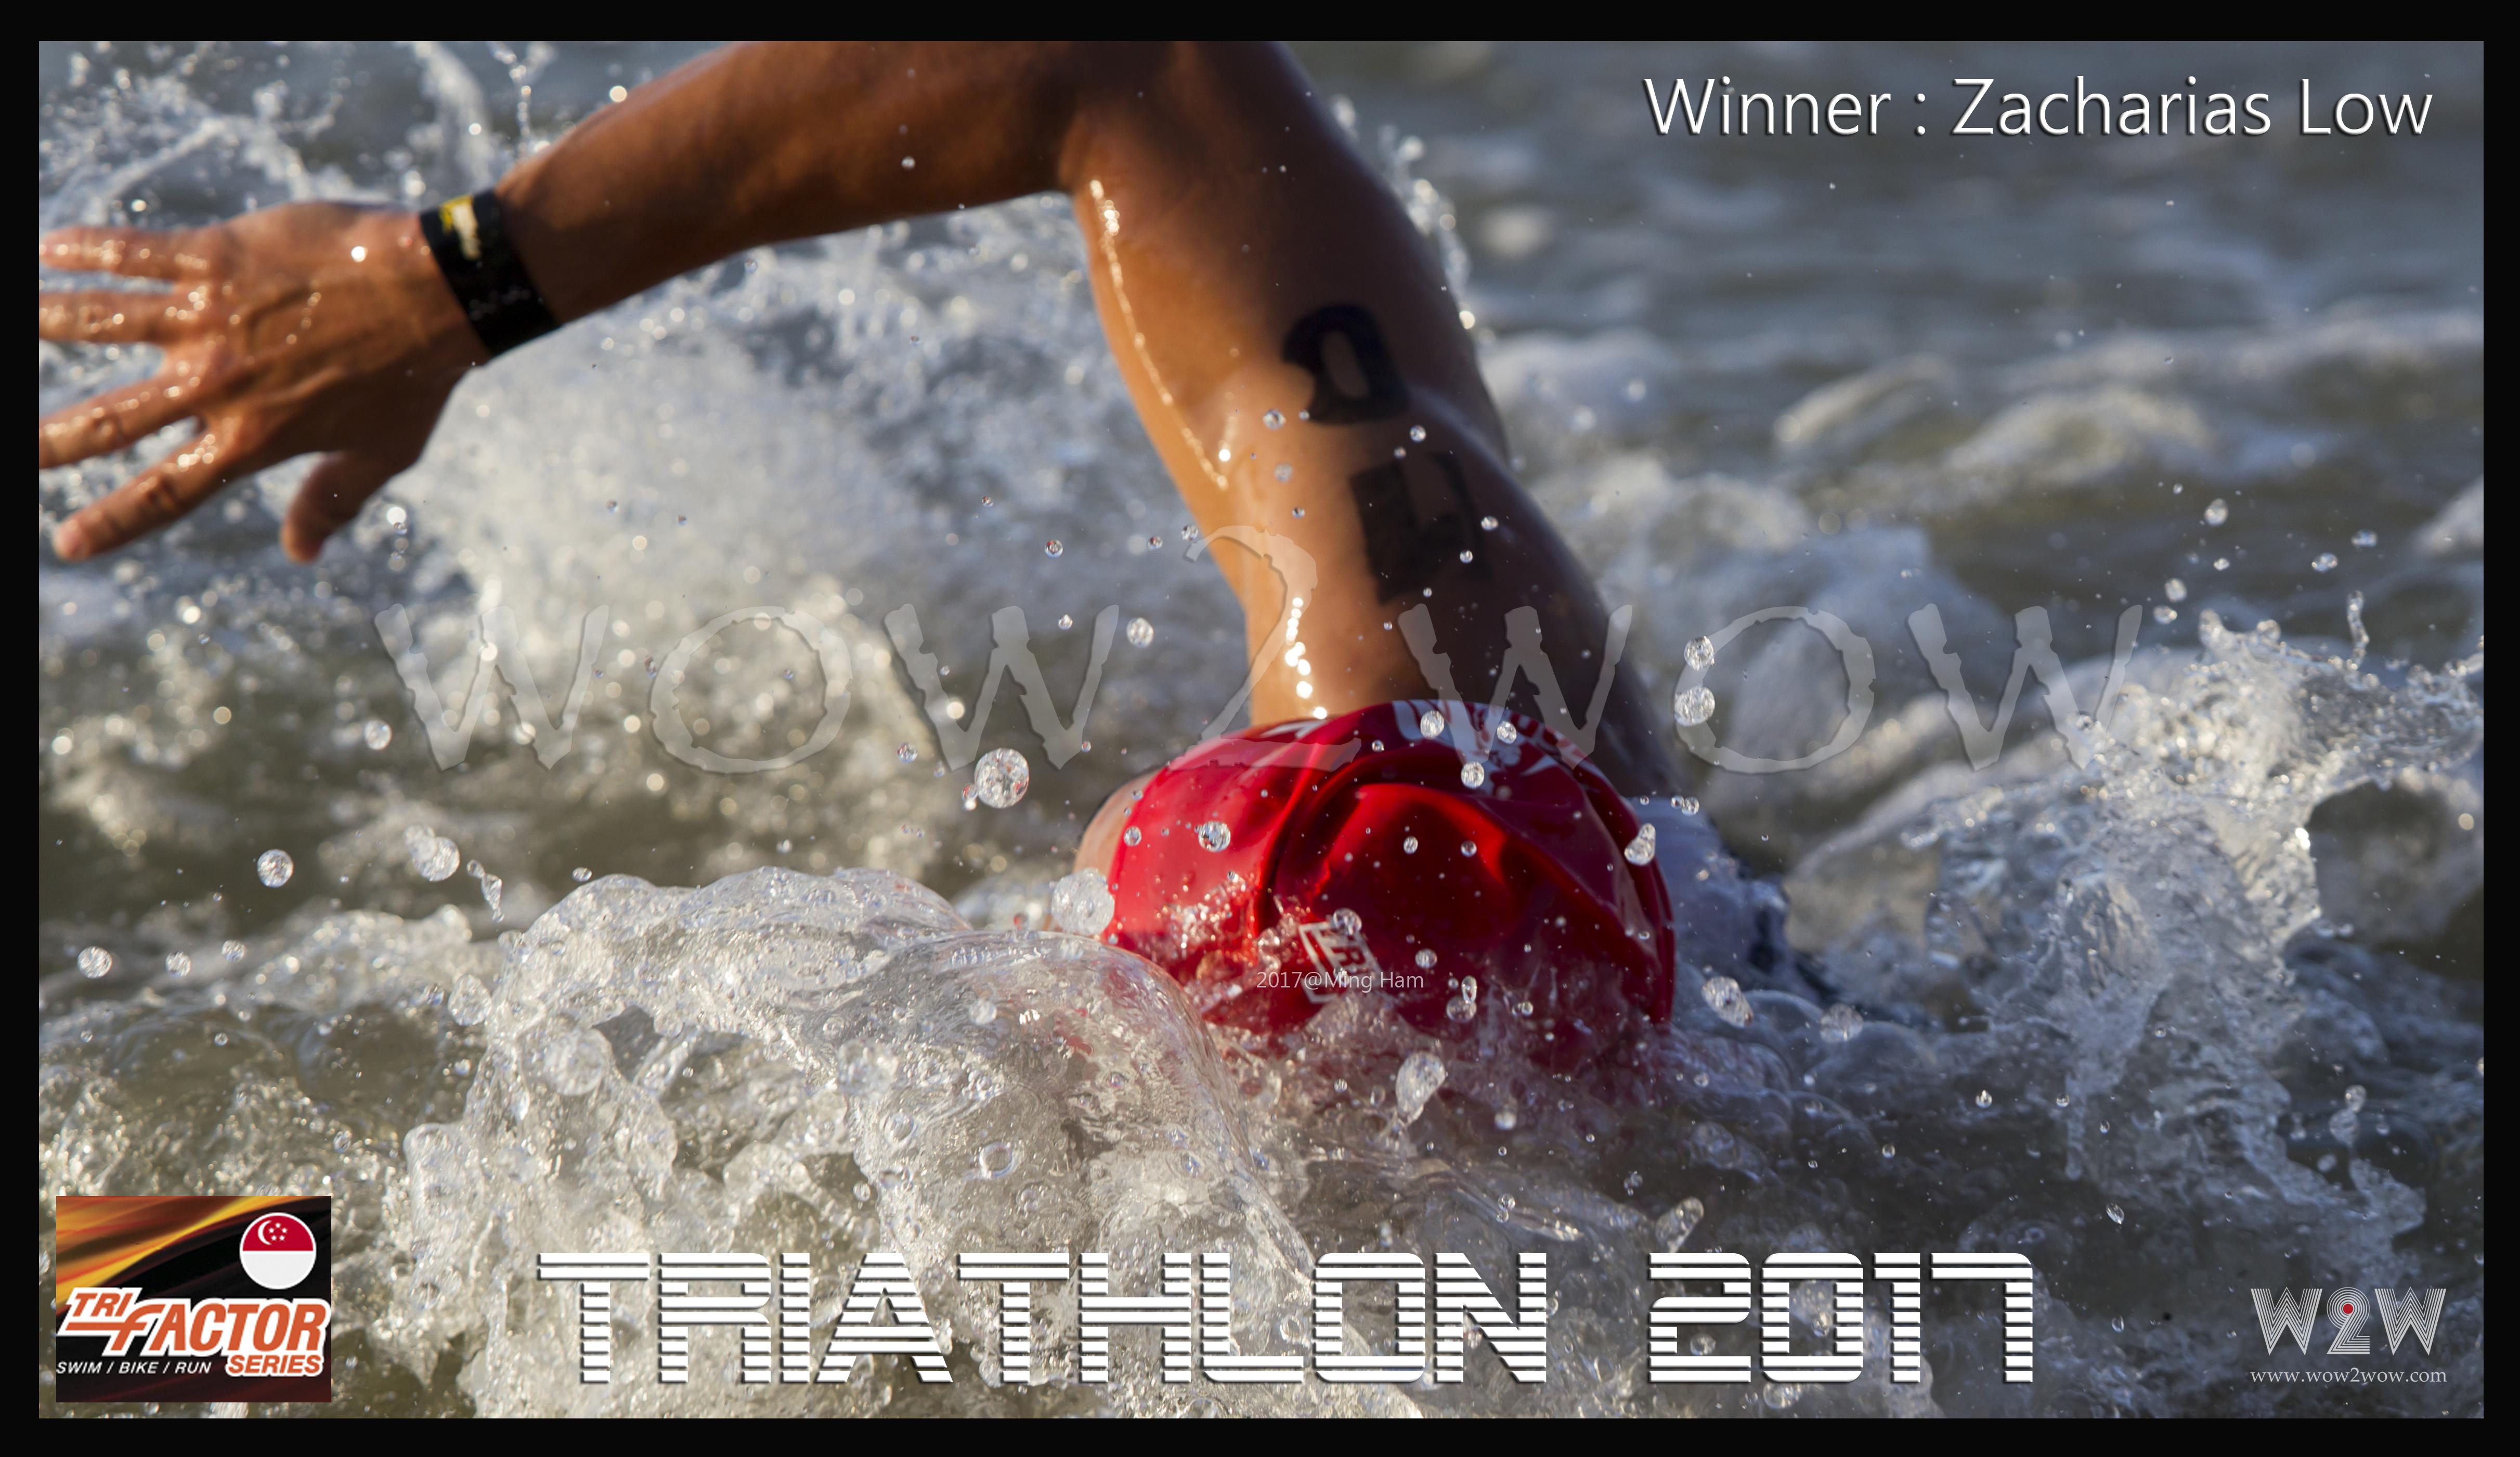 0653 (winner) MH